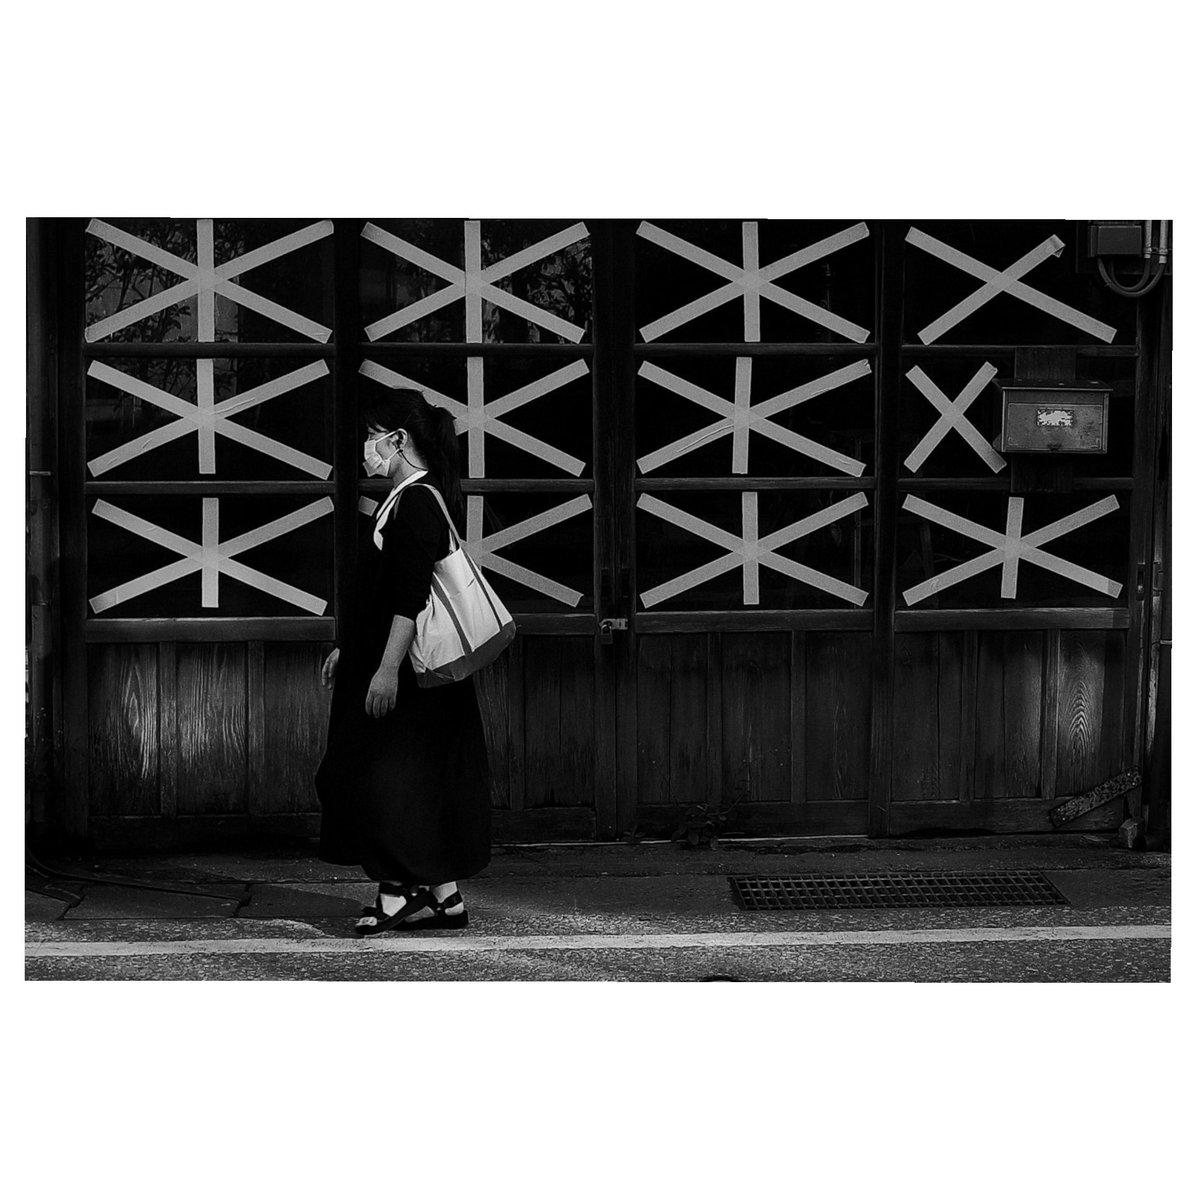 1日雨でしたー😭雨を活かした撮影してみたいけど、よくわからない〜とりあえず昔の写真を投げとこう😁#ファインダー越しの私の世界 #カメラ好きな人と繋がりたい #写真好きな人と繋がりたい #HSPさんと繋がりたい #白黒写真 #ストリートスナップ https://t.co/tLBn1bdafO